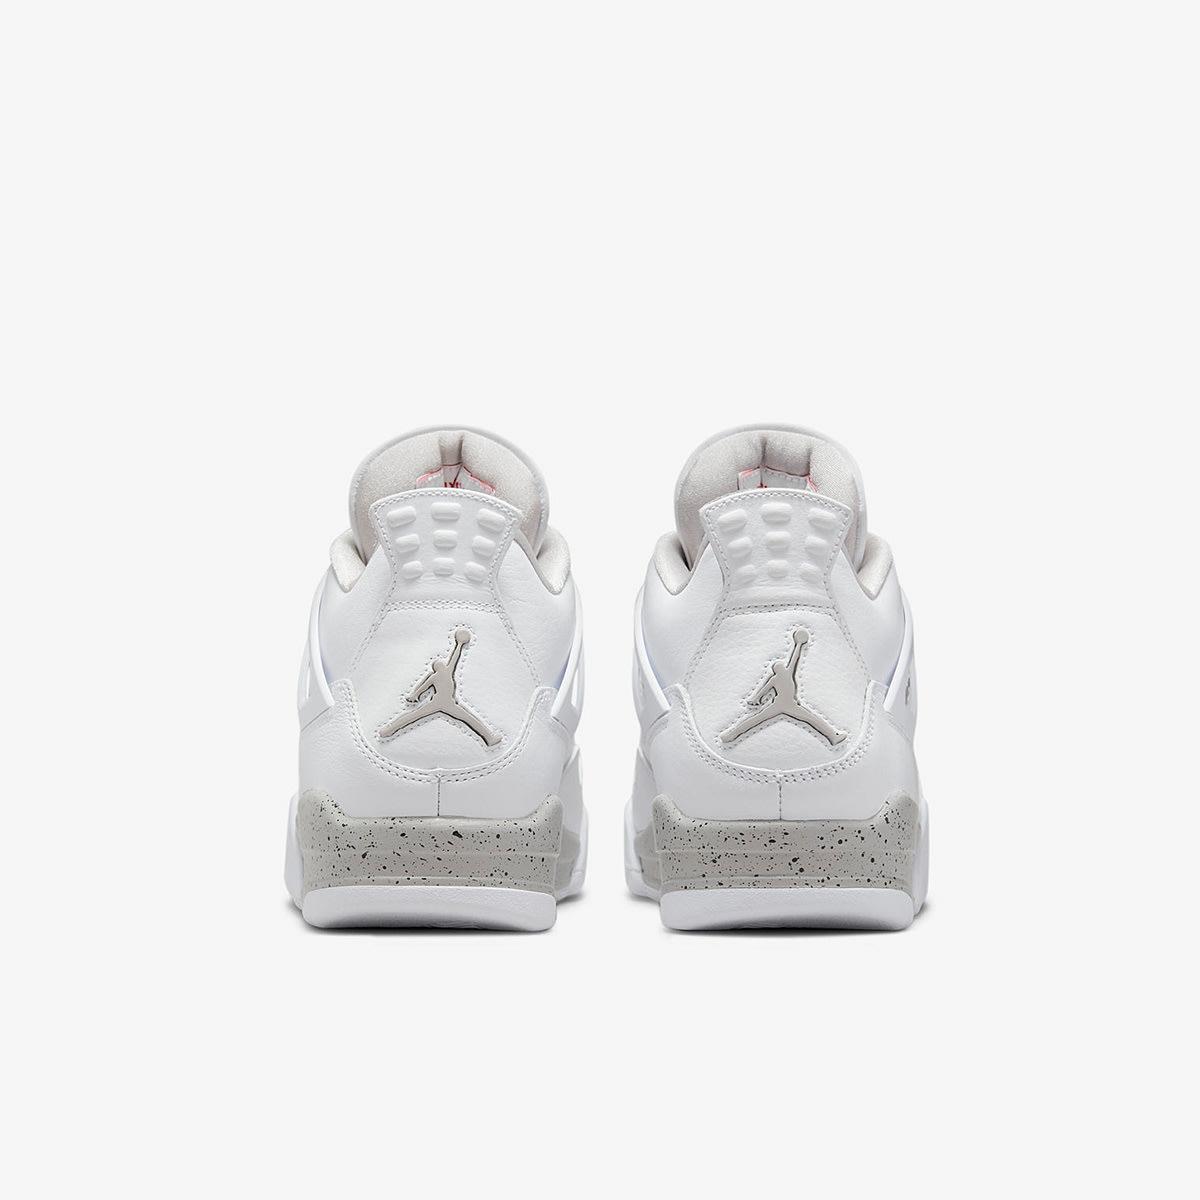 Air Jordan 4 Retro - CT8527-100